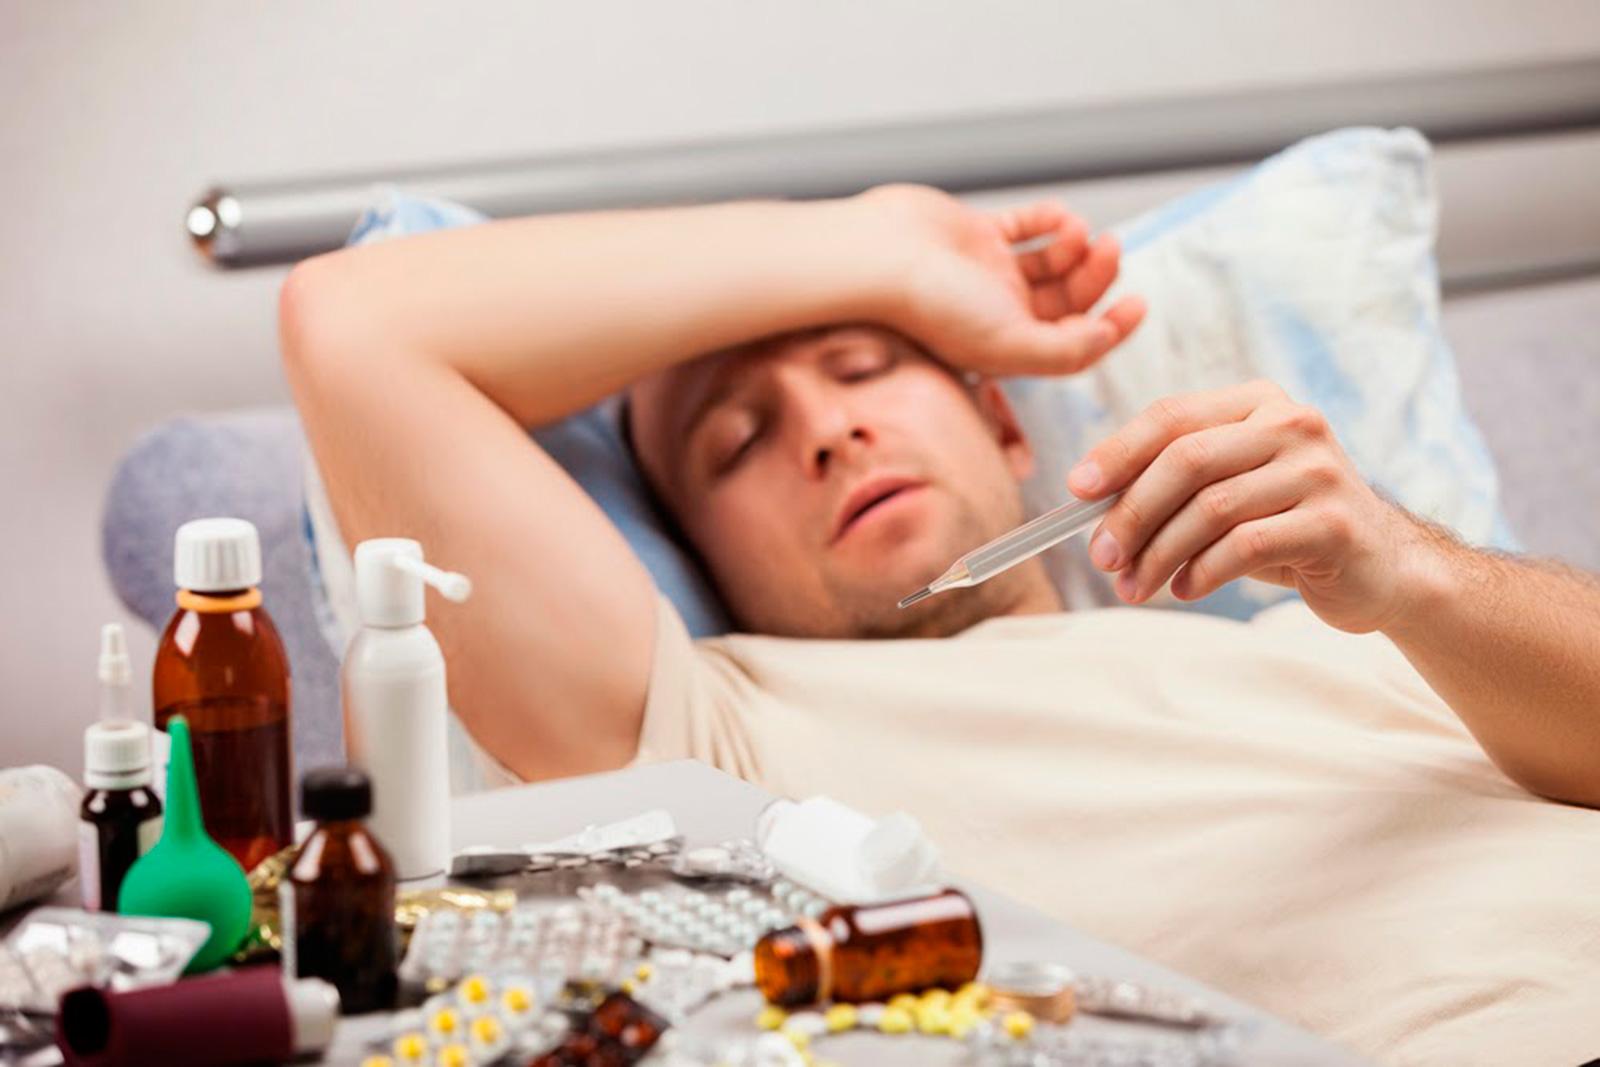 Лечение молодых домашних условиях